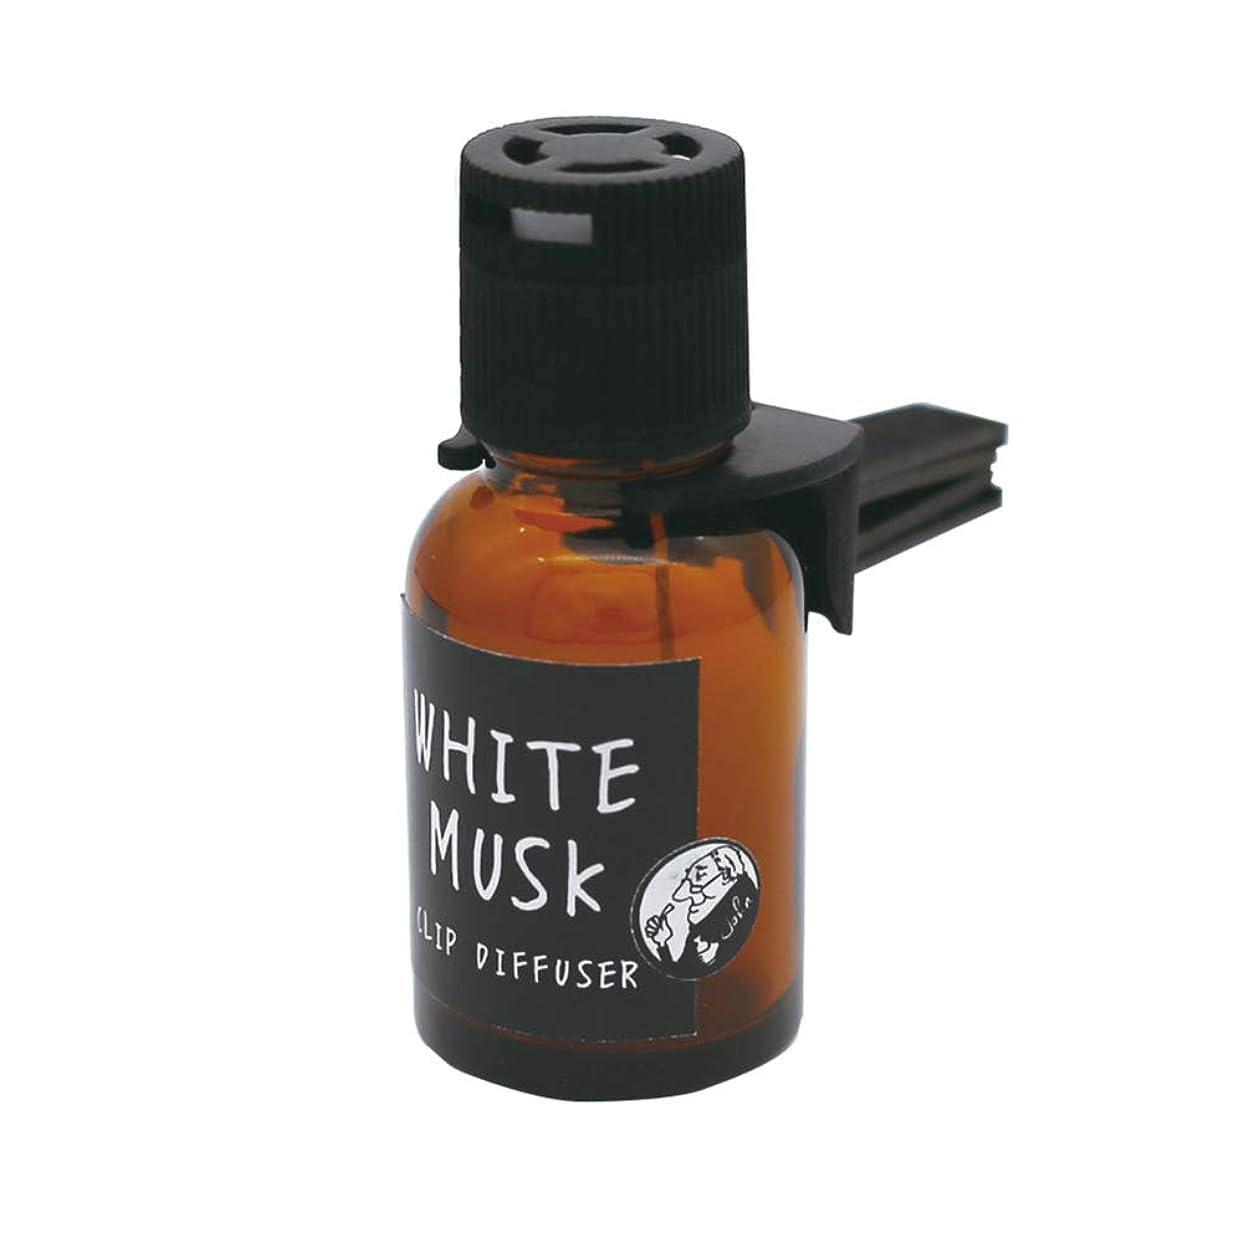 みにじみ出る活発ノルコーポレーション John's Blend 車用芳香剤 クリップディフューザー OA-JON-20-1 ホワイトムスクの香り 18ml